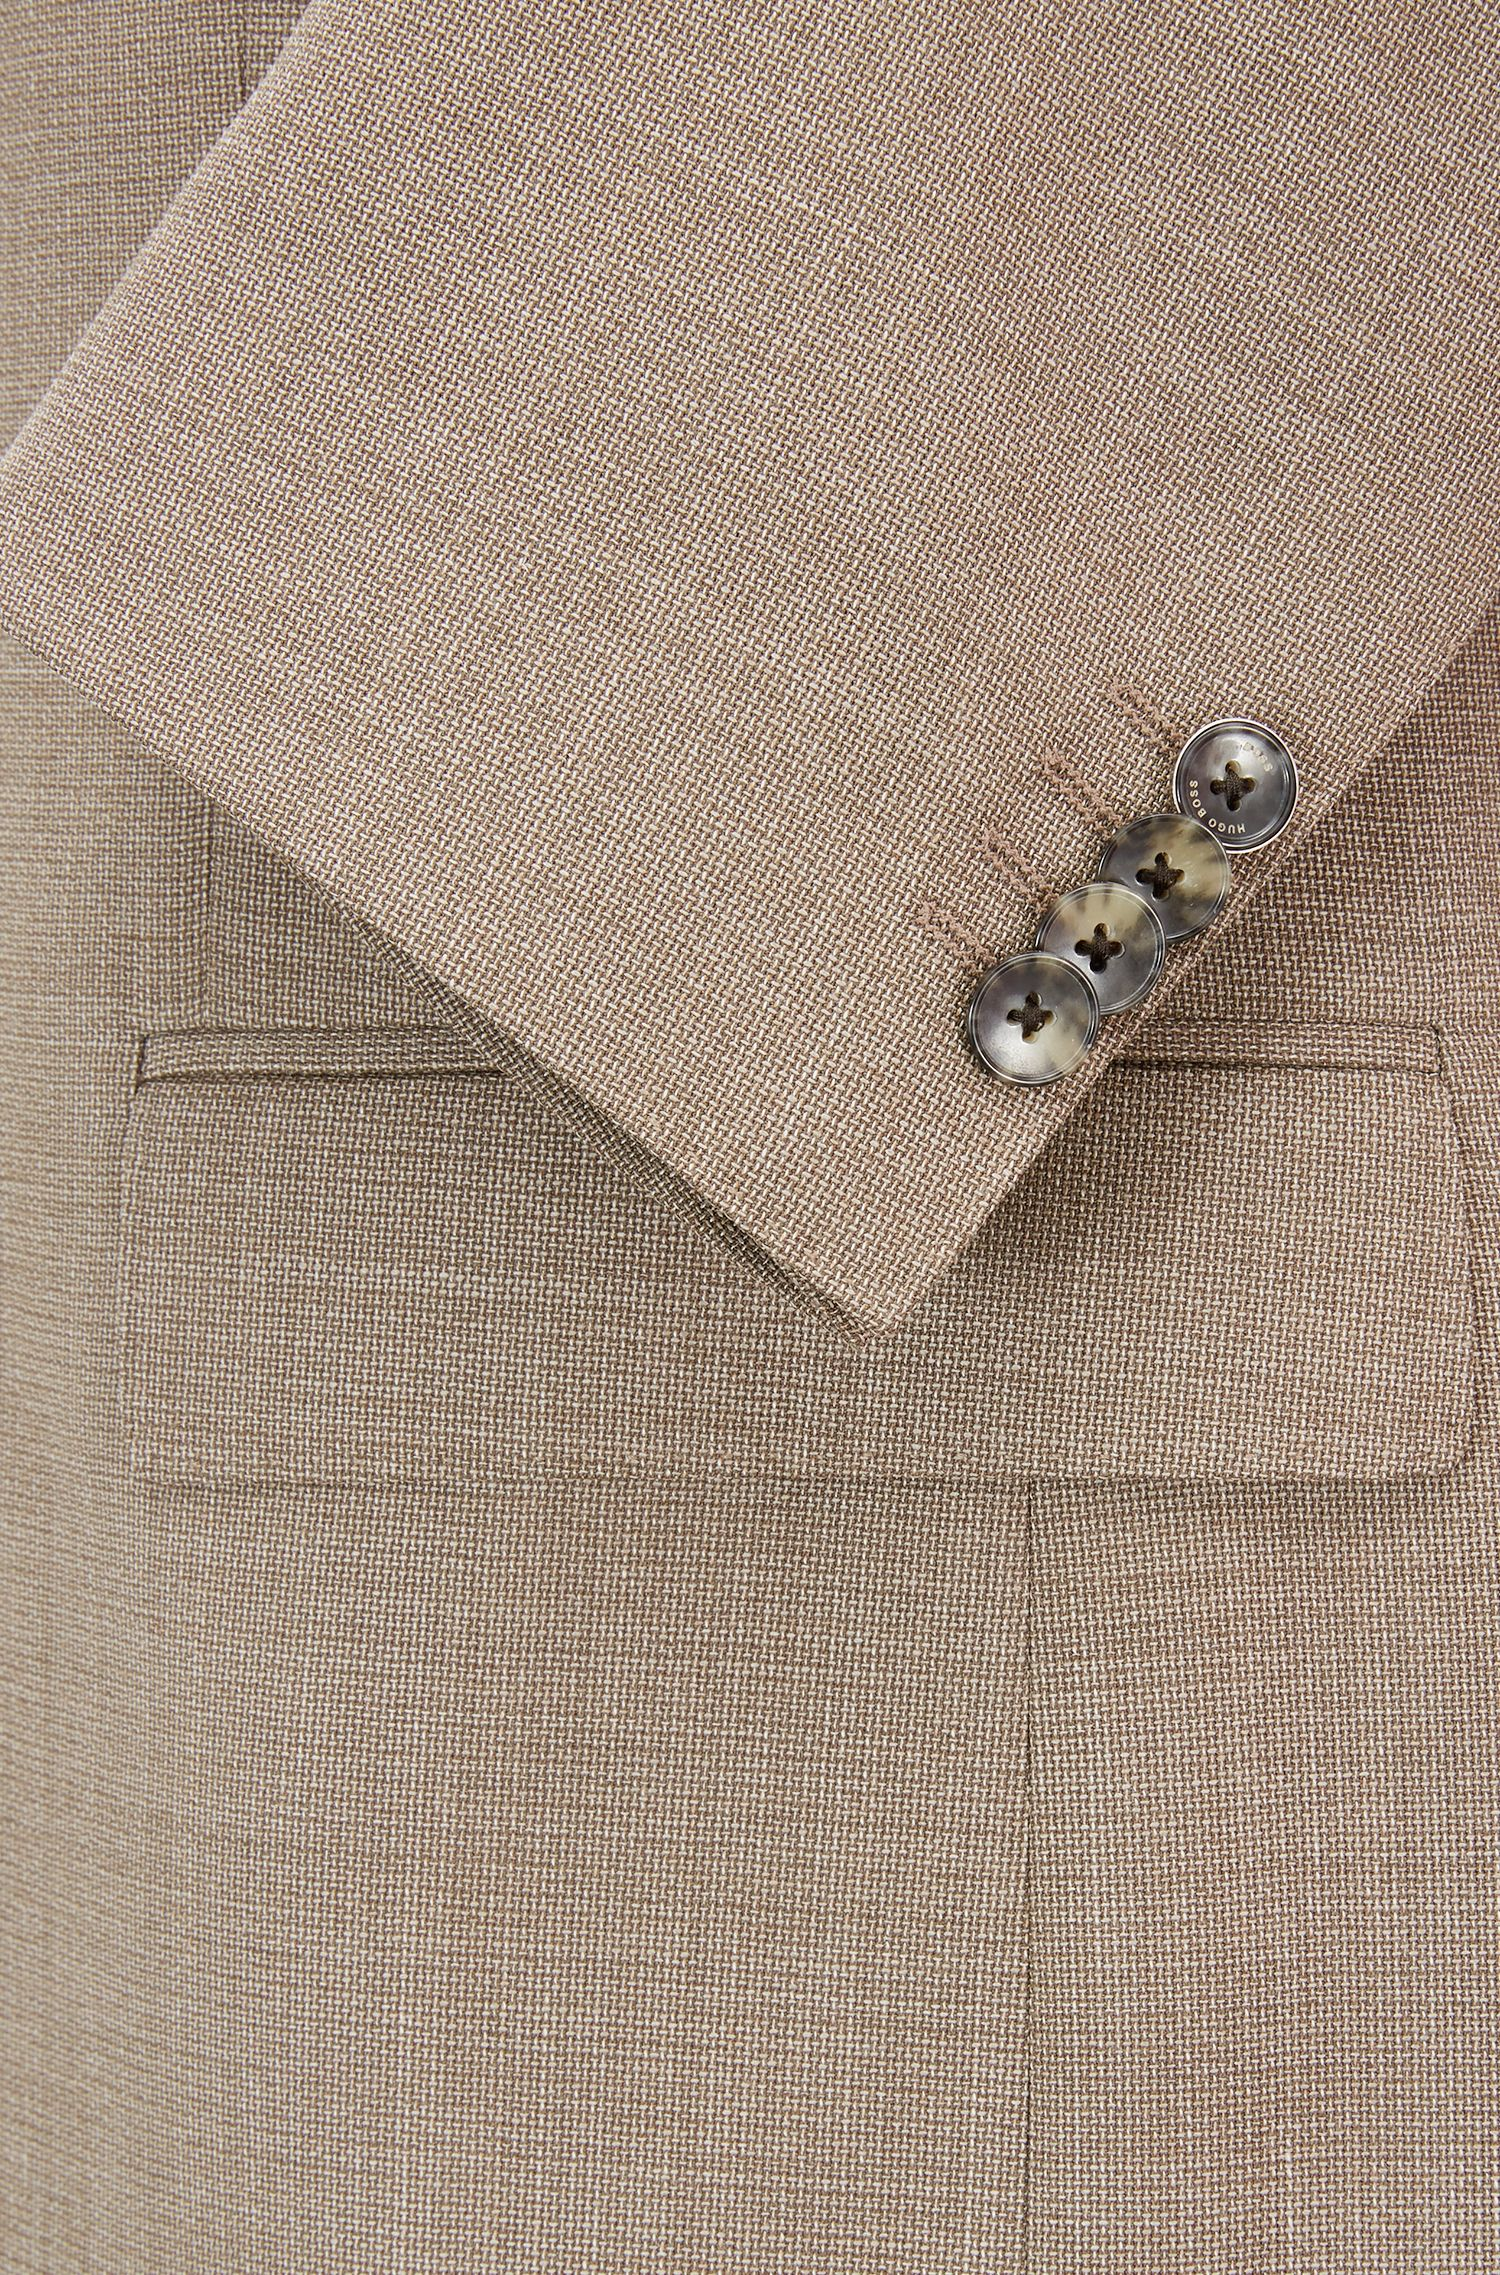 Abito slim fit in lana vergine con microdisegno